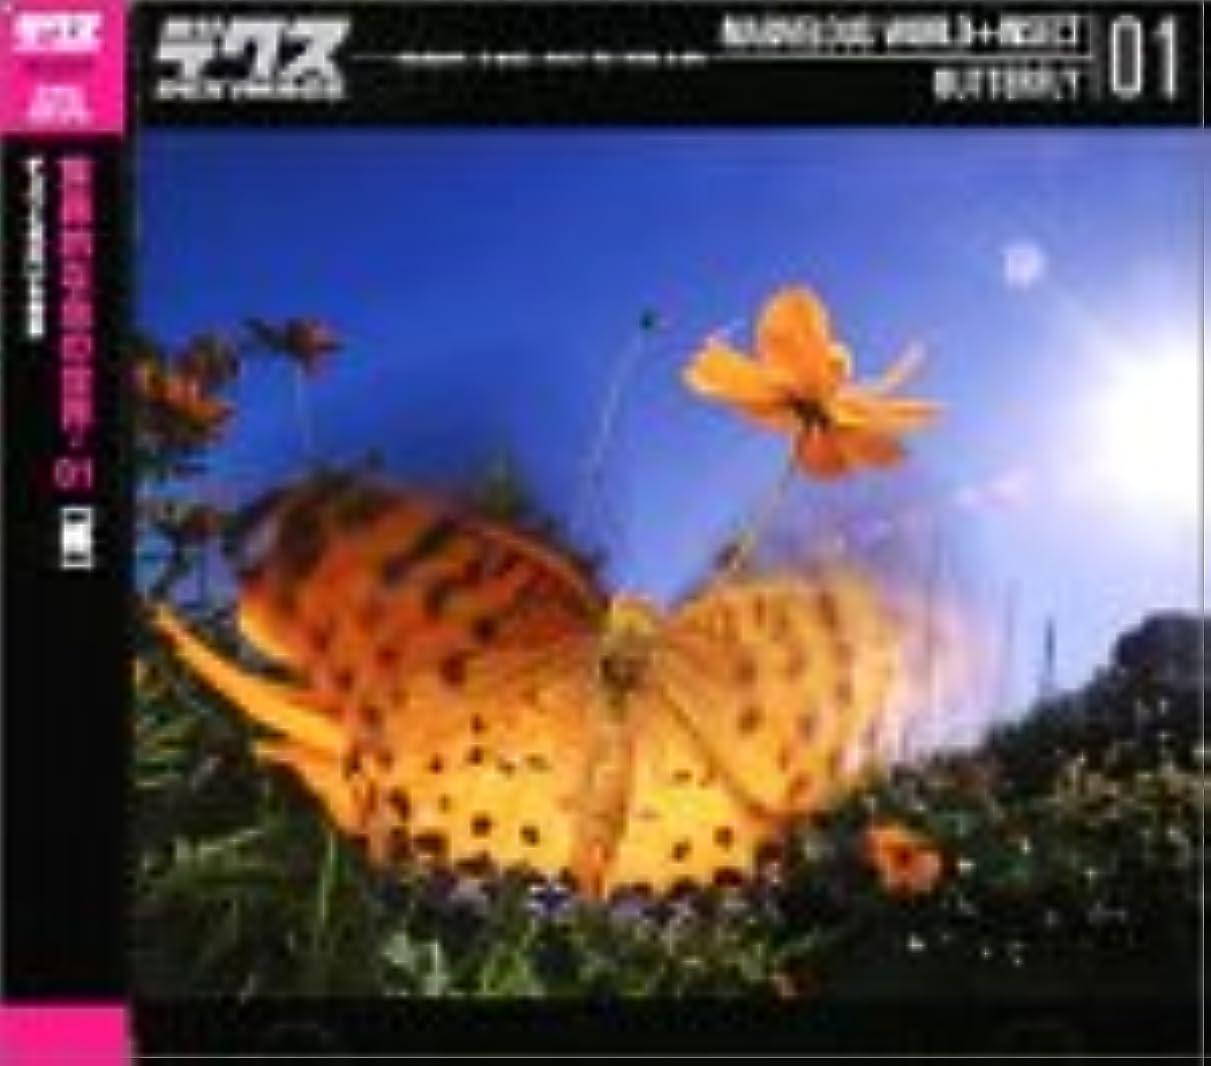 確認してくださいウミウシまつげ驚異的な虫の世界 01 蝶